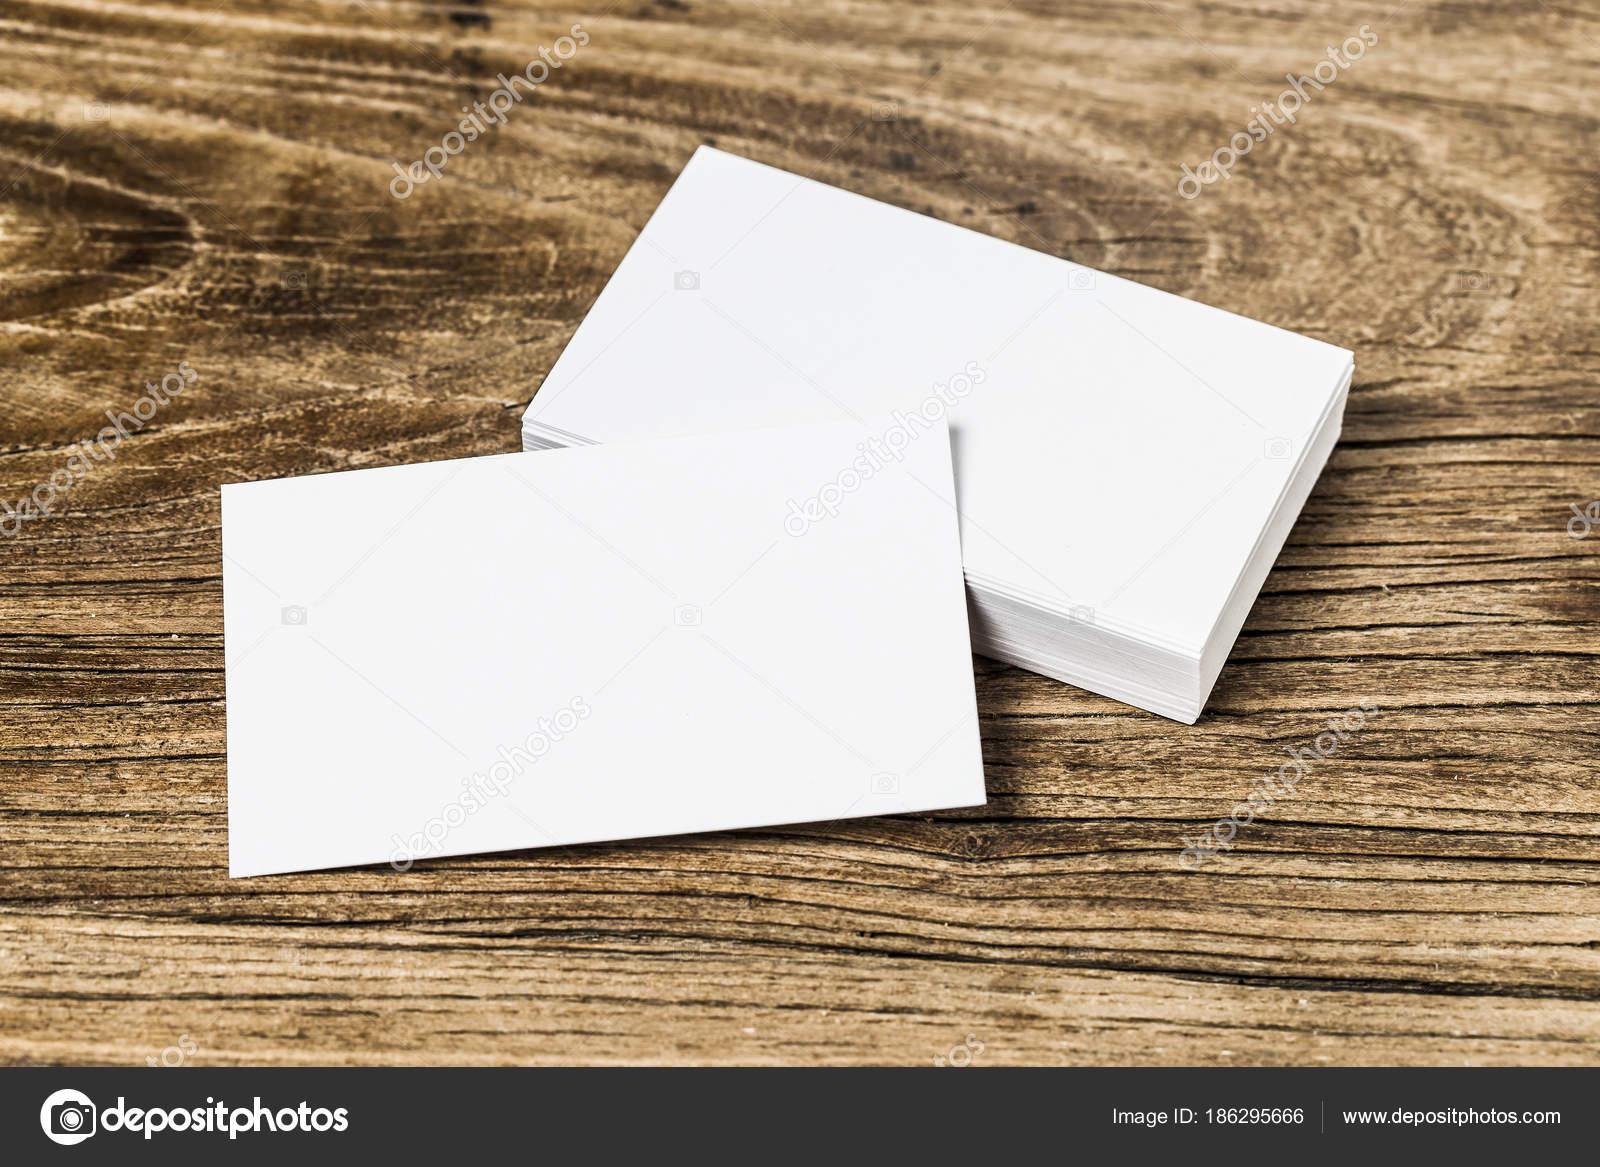 Visitenkarte Auf Holz Stockfoto Dashu83 186295666